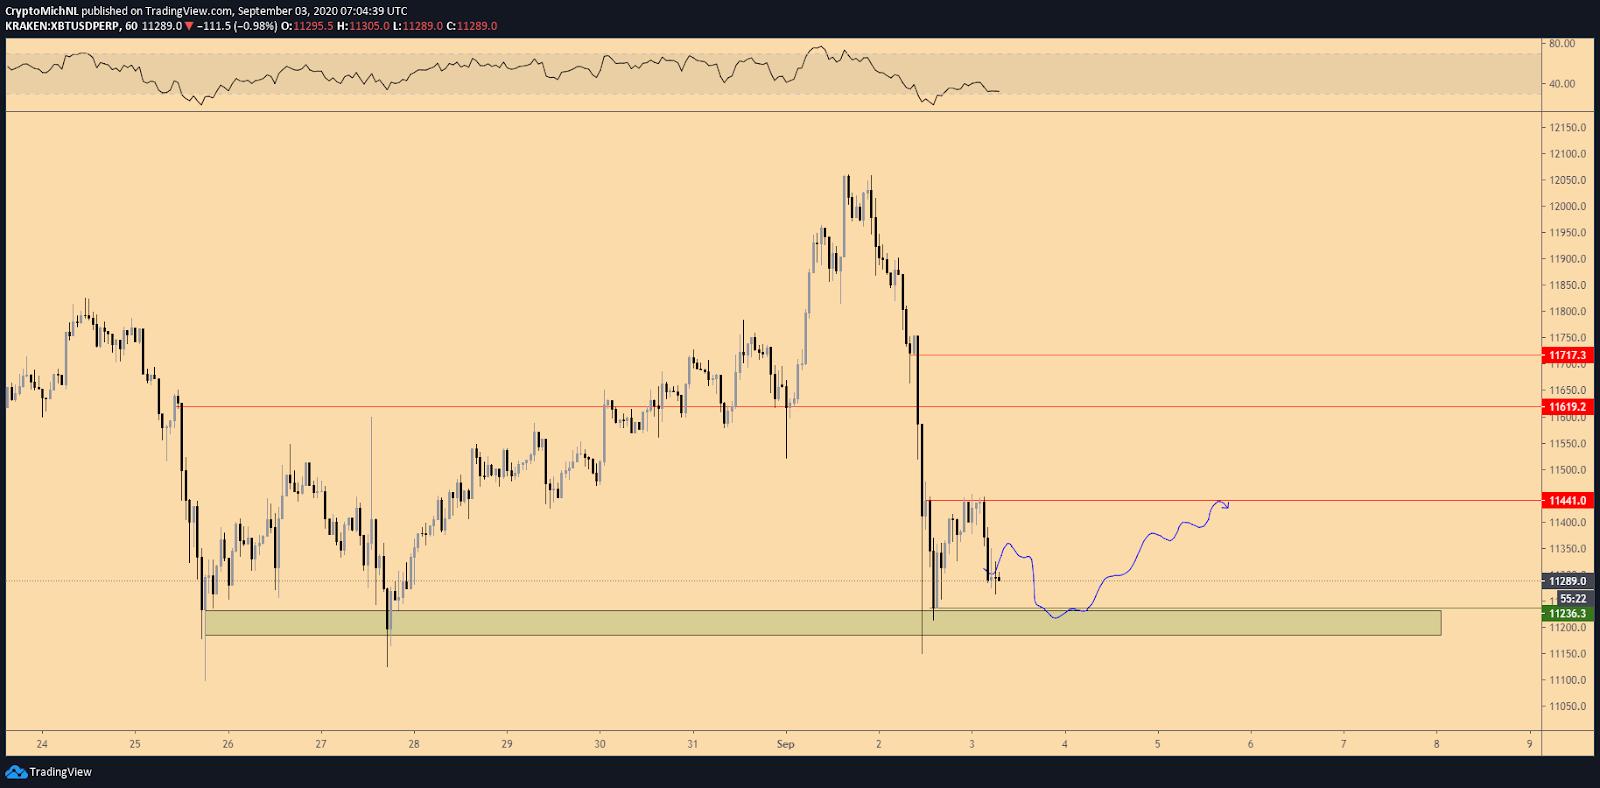 A potential short-term Bitcoin price scenario